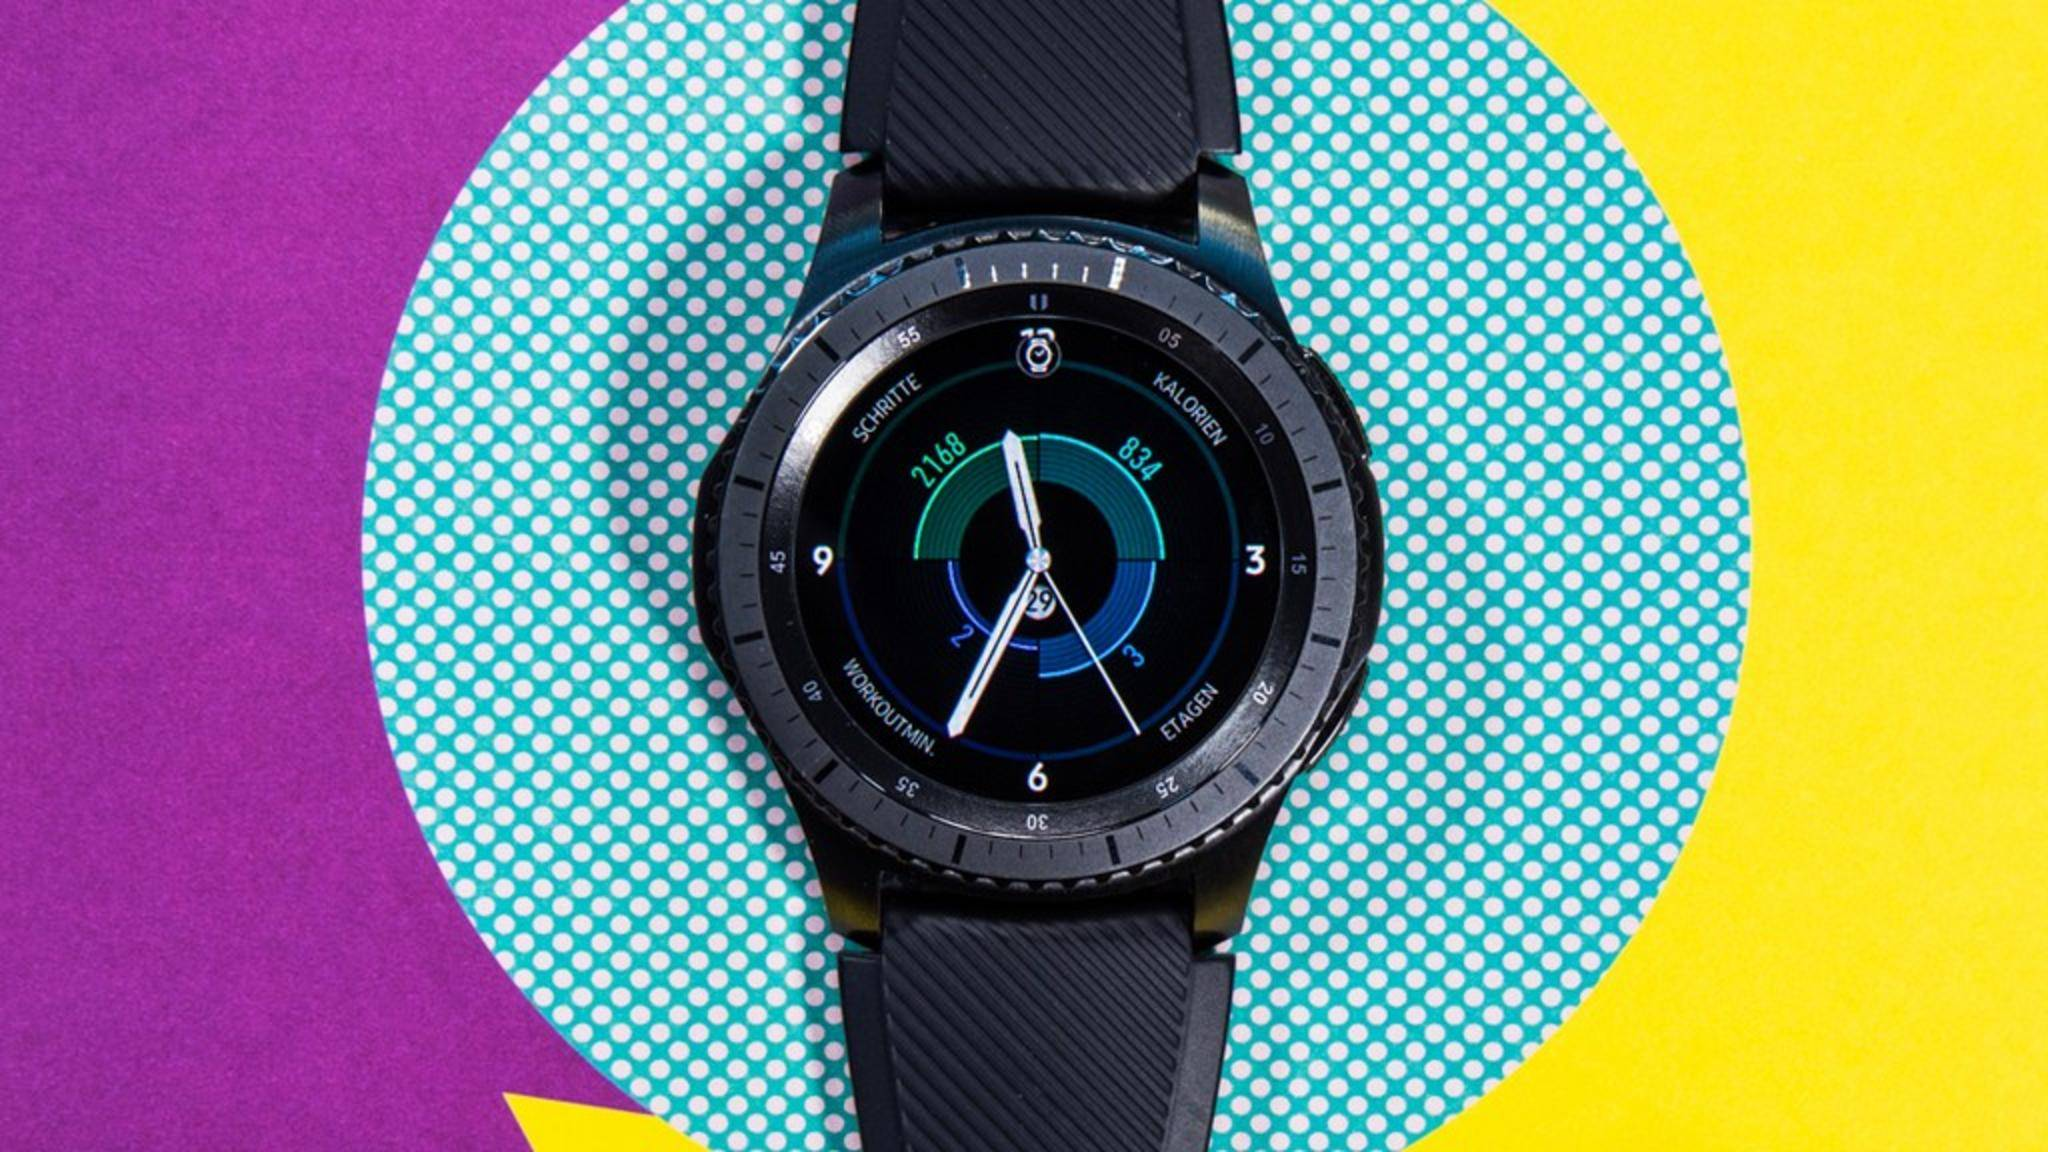 Die Samsung Gear S3 bekommt das finale Tizen 3.0.